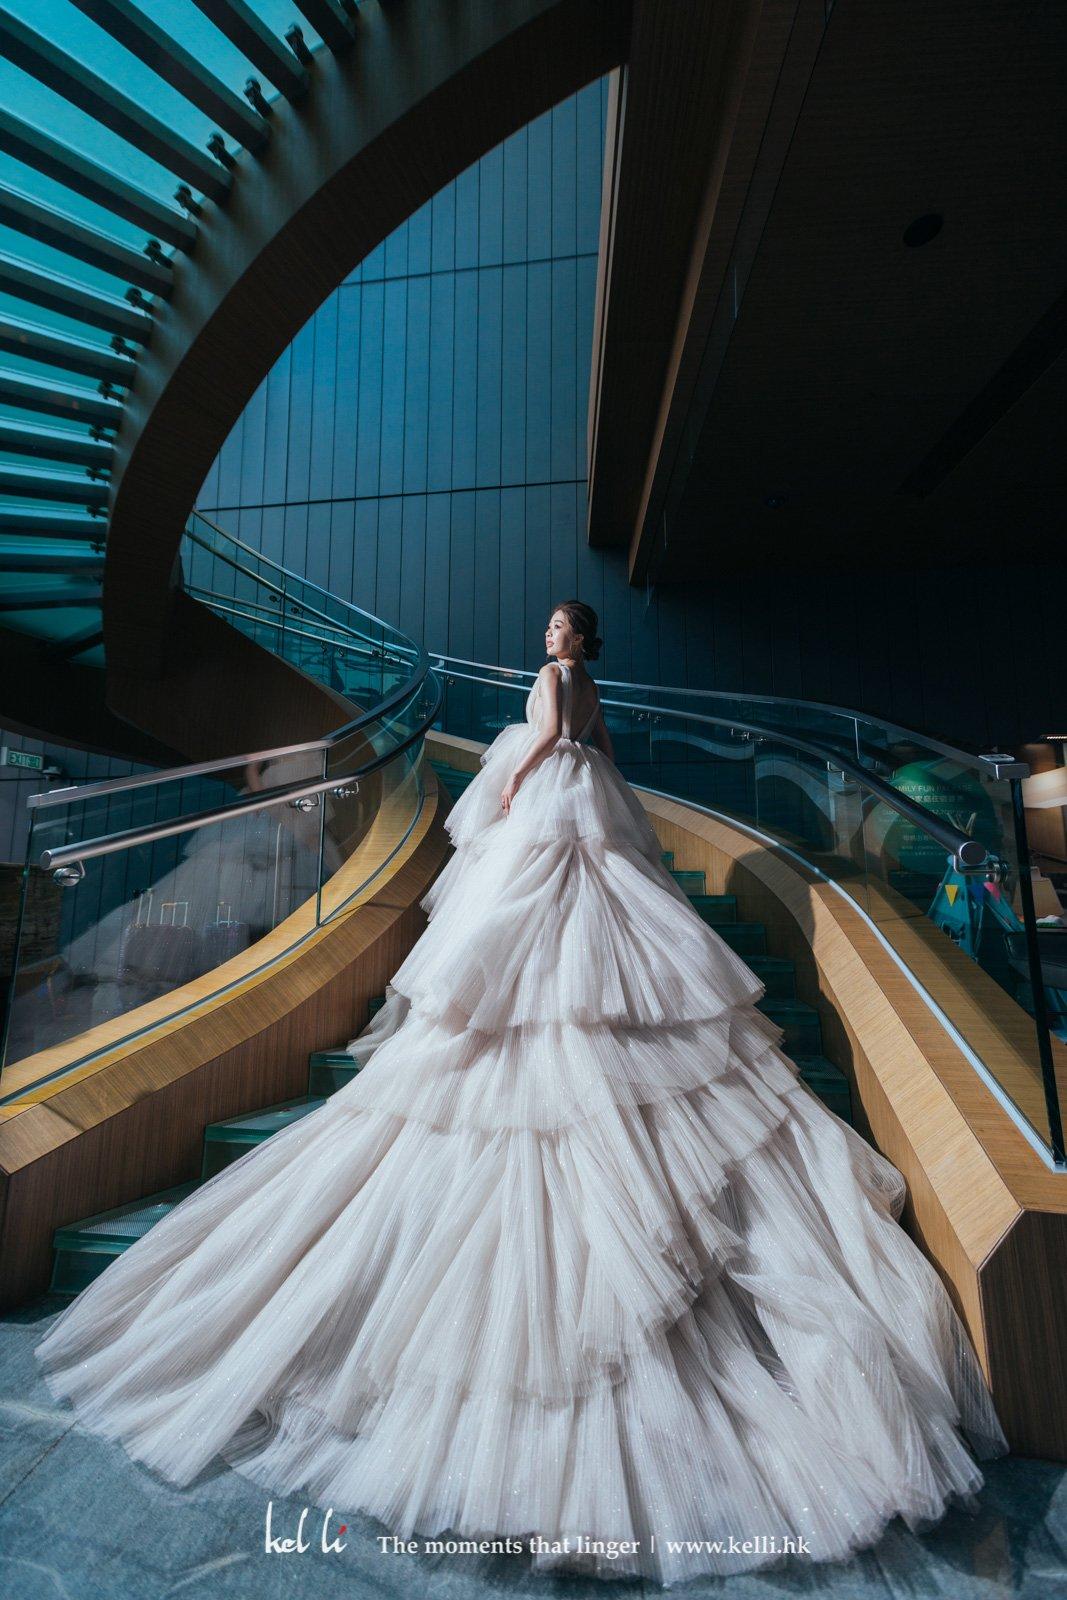 超華麗的長婚紗拖尾,也只有樓梯才能好好展示這氣派